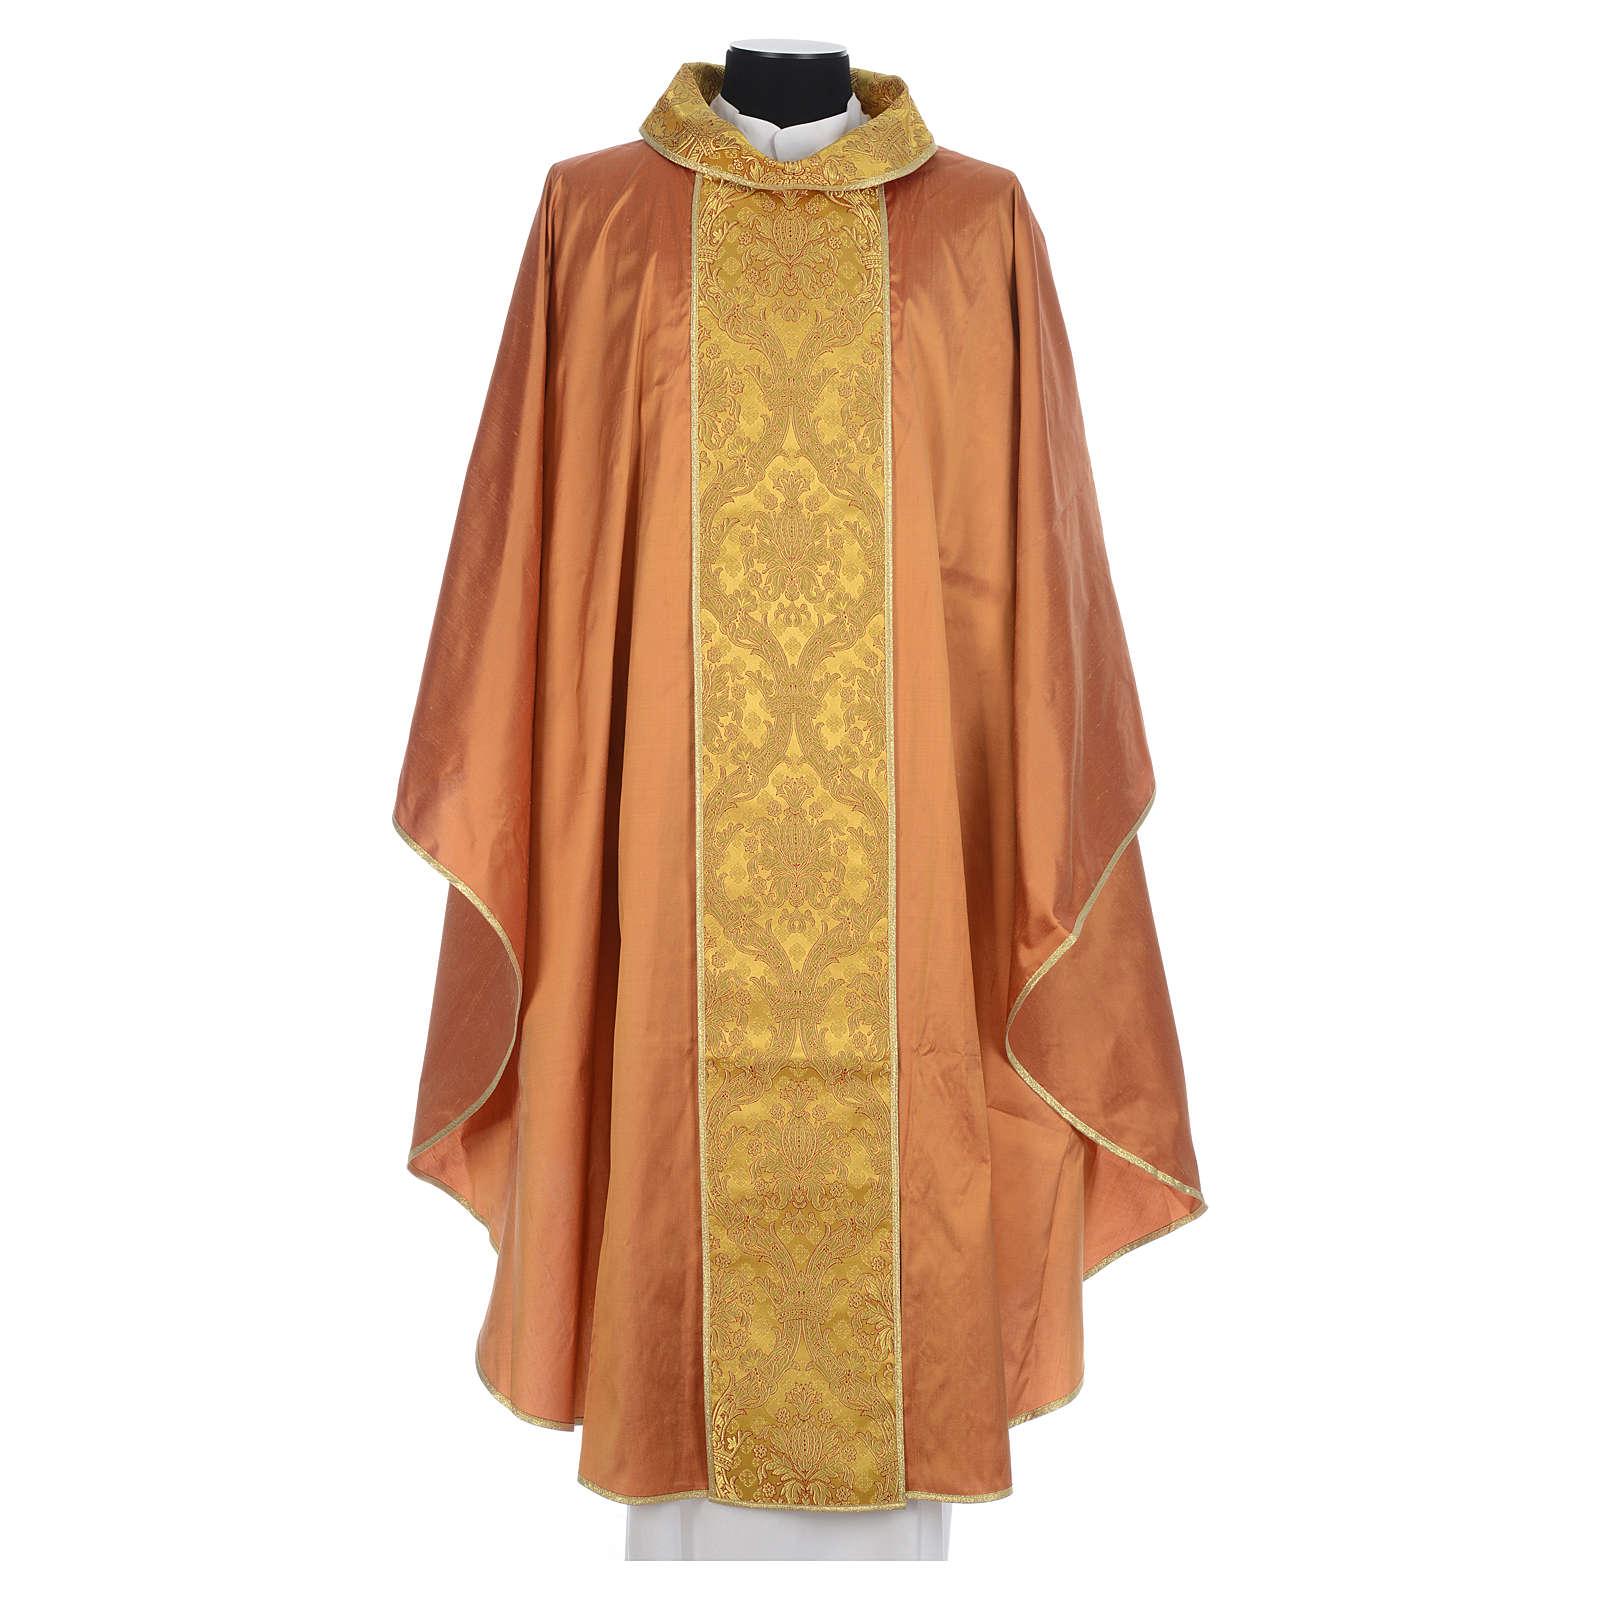 Ornat kapłański jedwab złoty 100% haft pozłacany 4